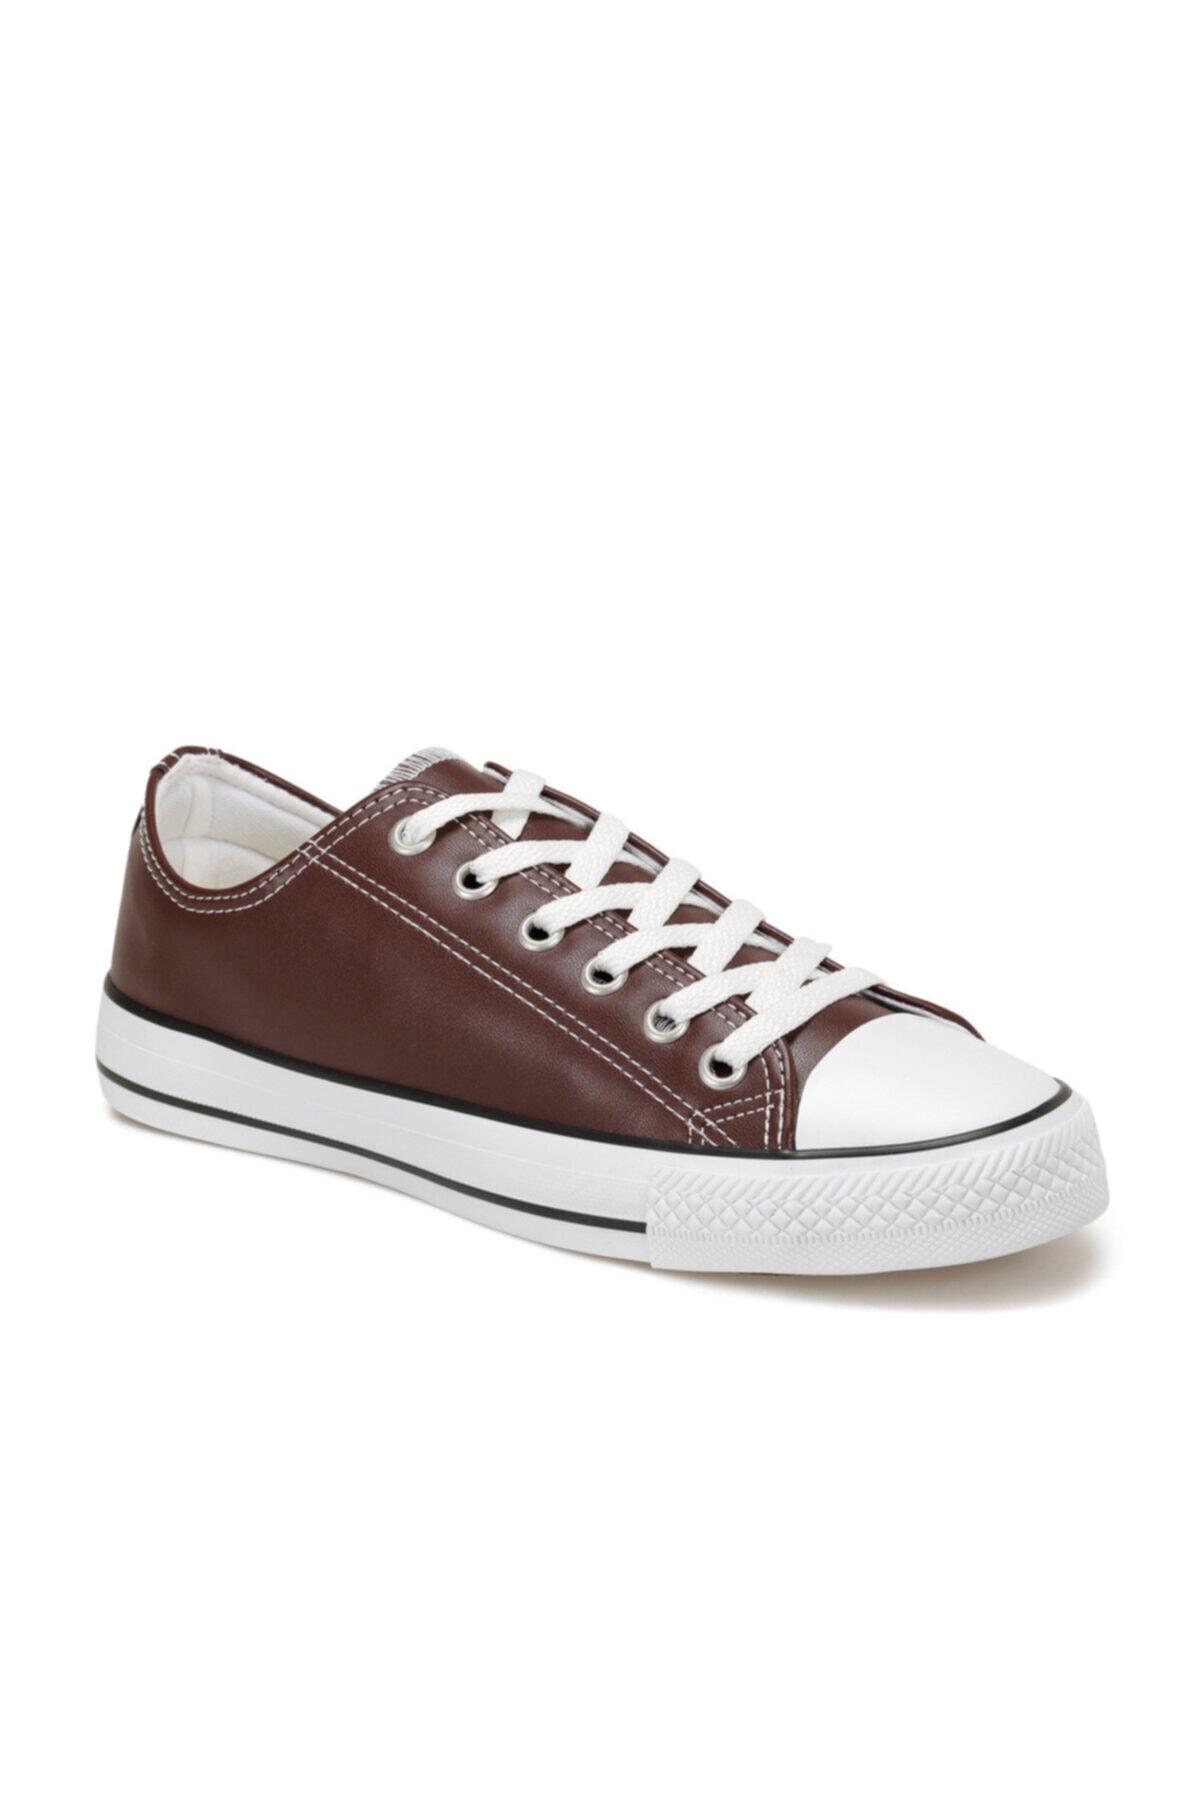 FORESTER EC-2001 Bordo Erkek Kalın Tabanlı Sneaker 100669571 1